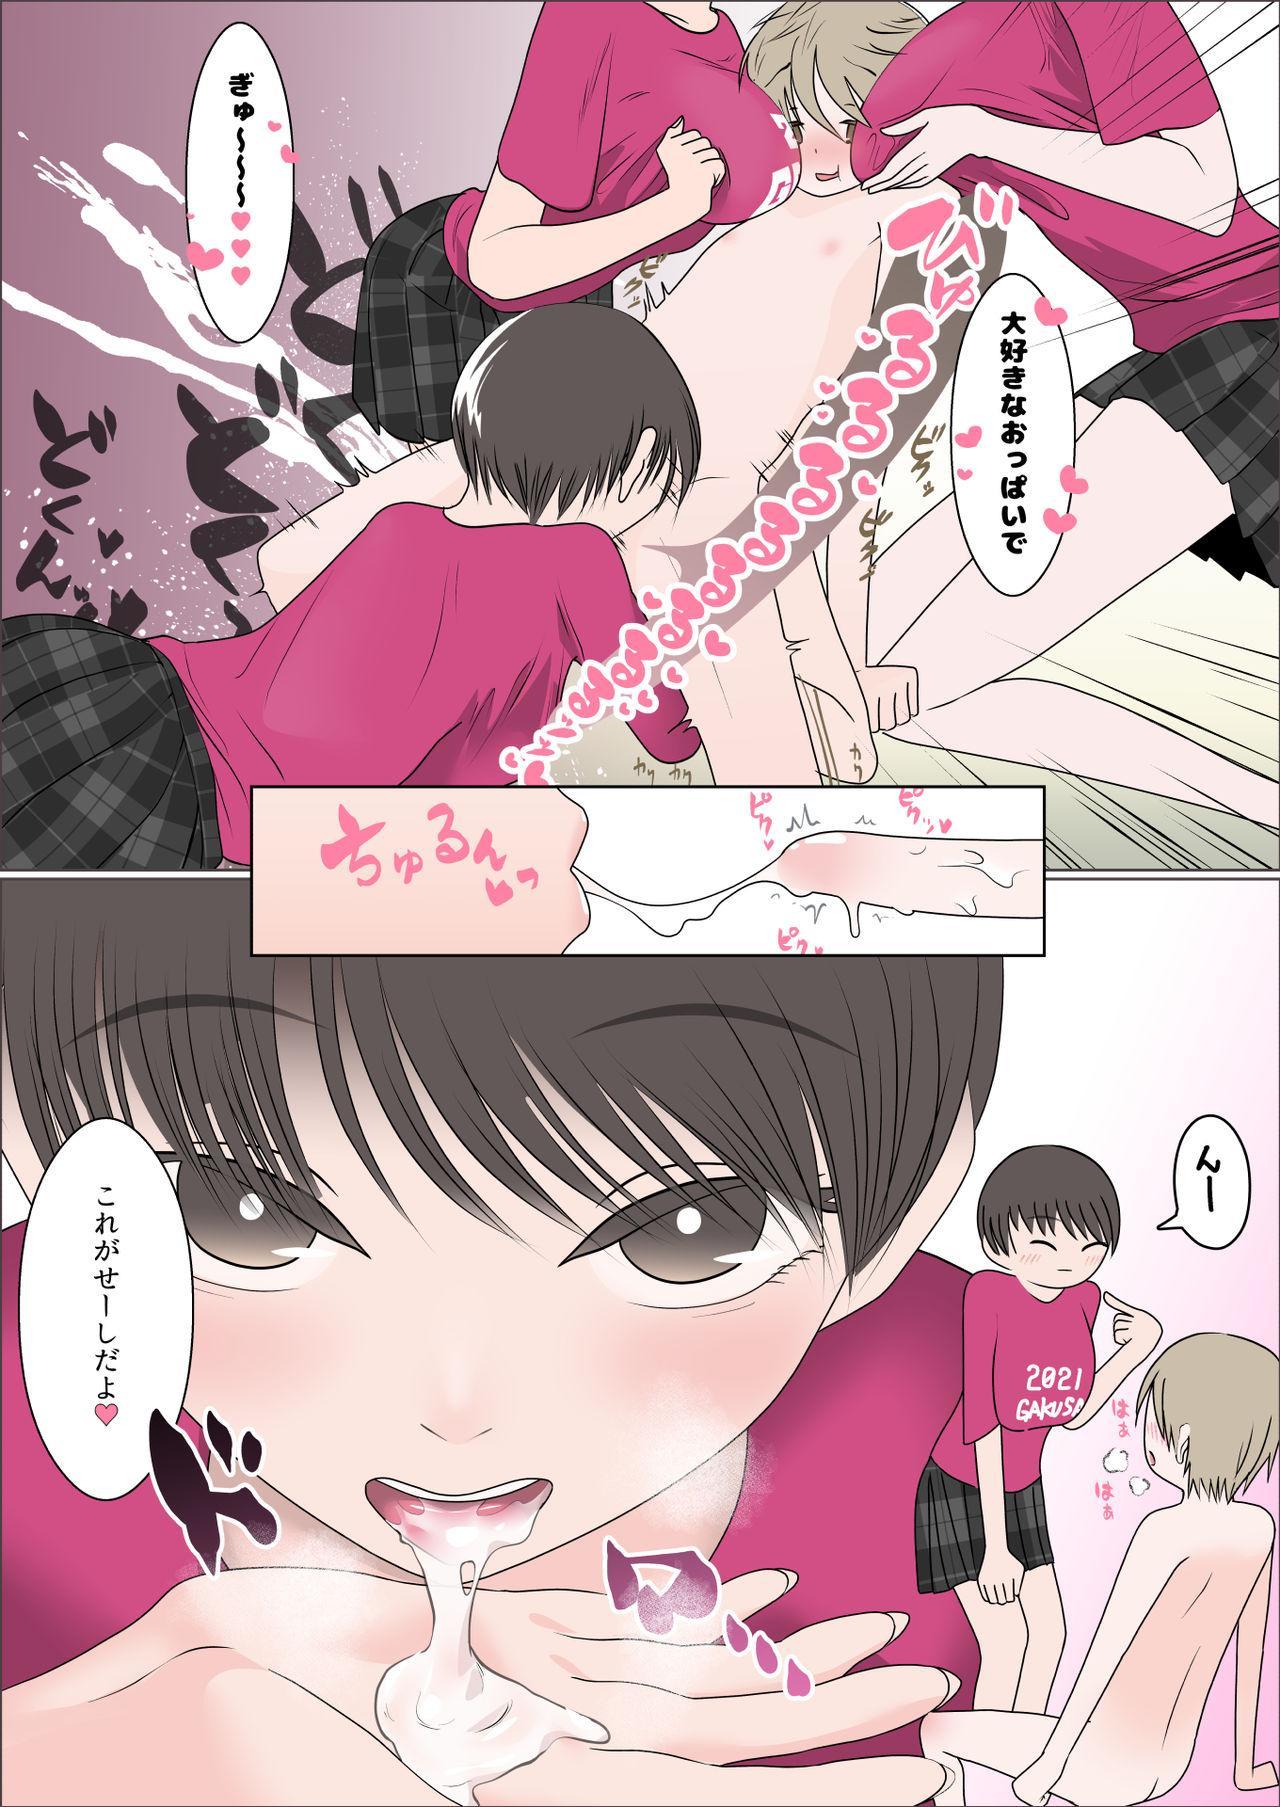 Gakusai ni Ittara Ani no Dokyusei ni Koppidoku Shiborareta Hanashi 11